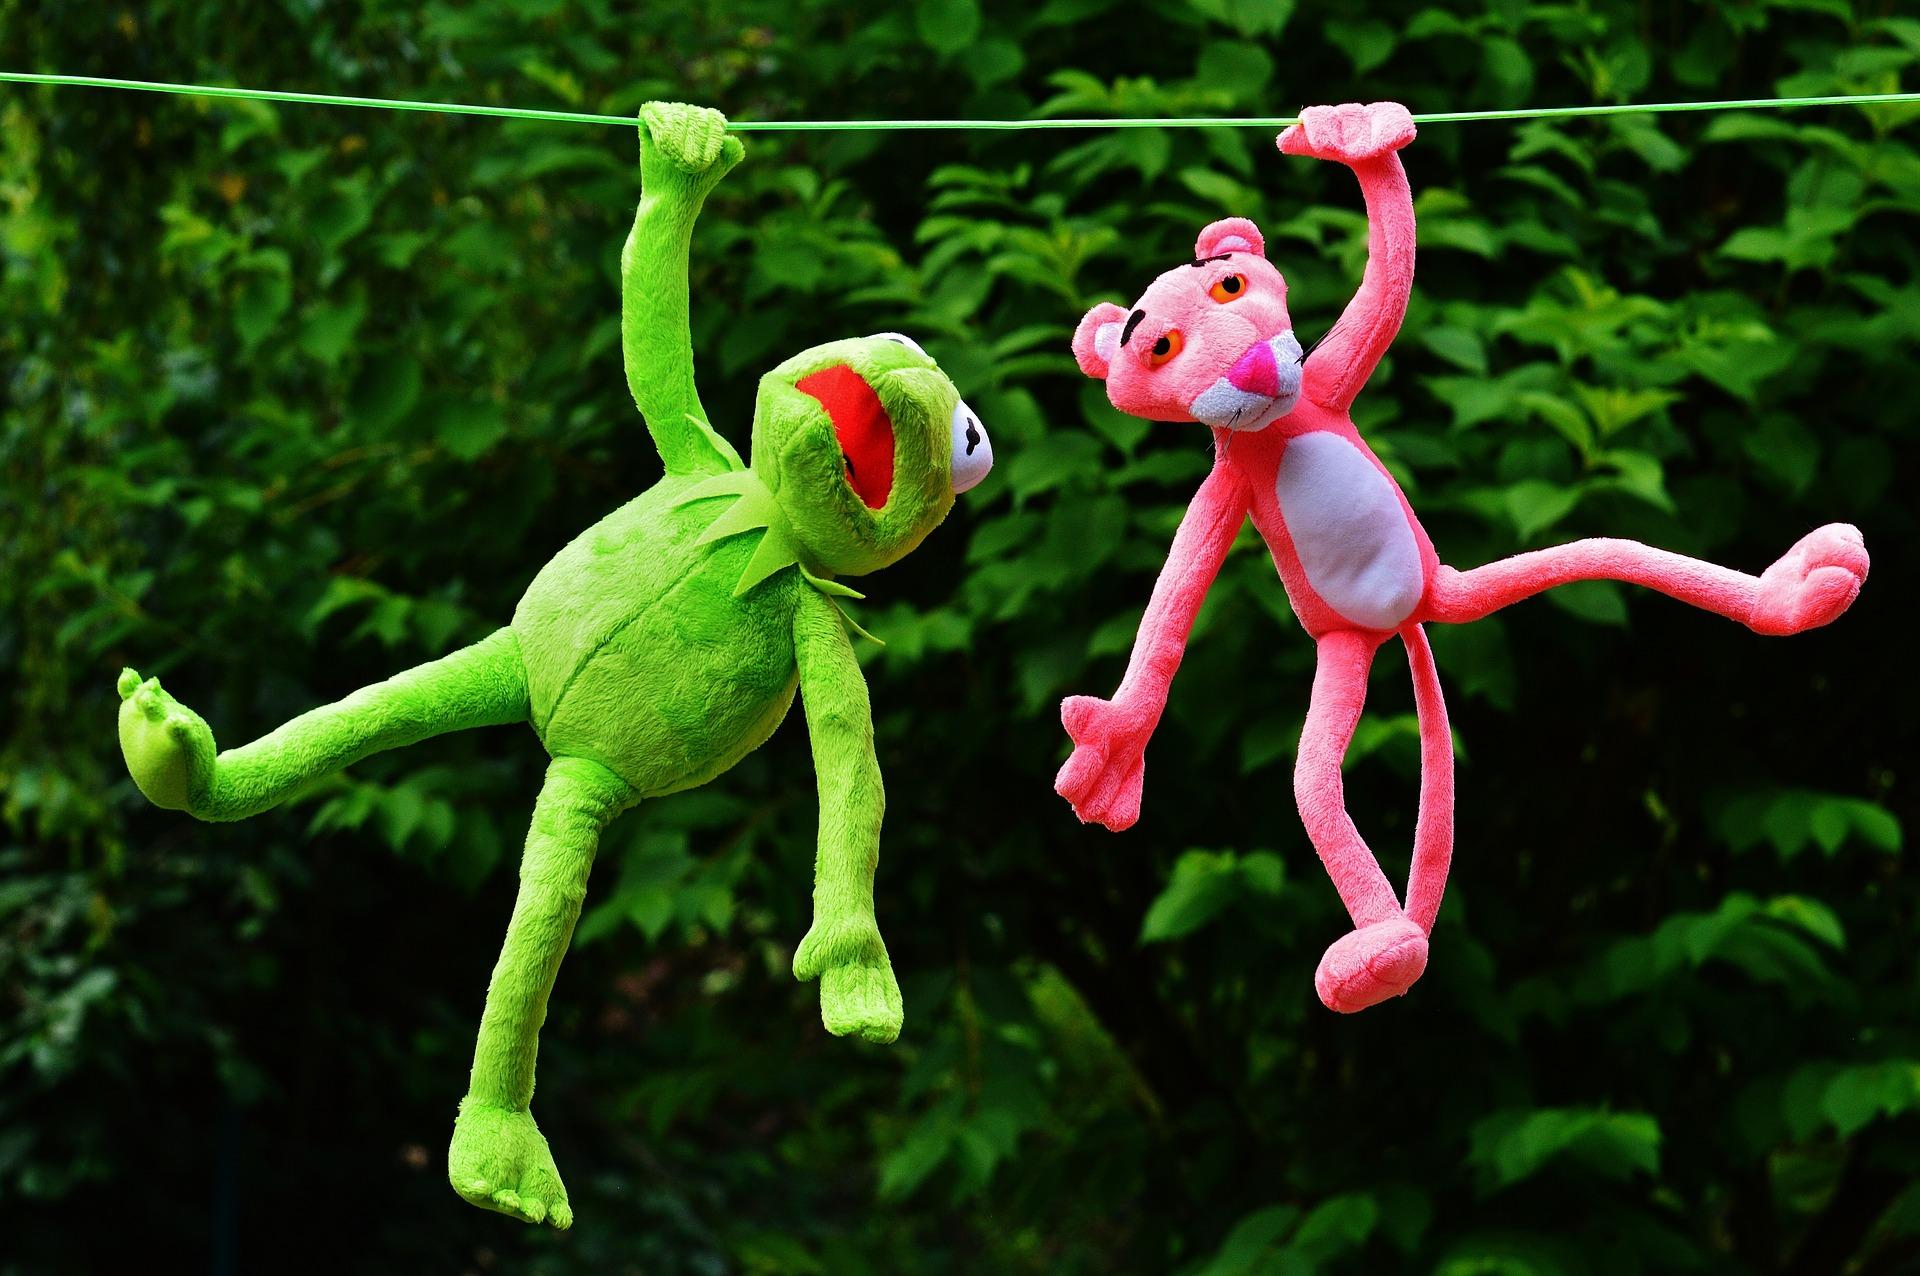 おもちゃ, プラシ天のおもちゃ, グスタボ, ピンクの豹, カーミット, ハング - HD の壁紙 - 教授-falken.com